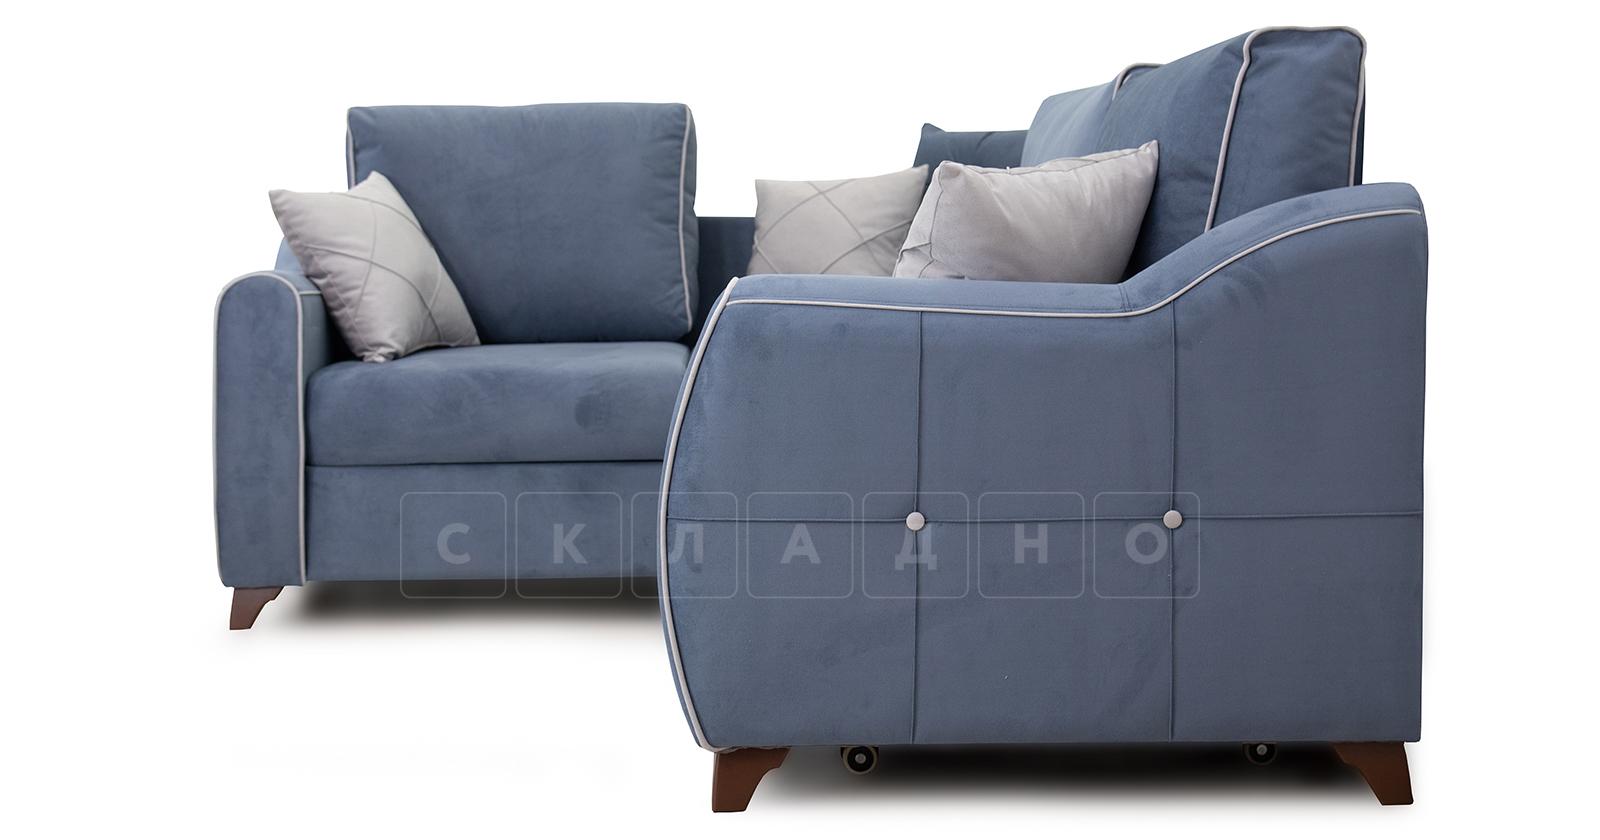 Диван-кровать угловой Флэтфорд серо-синий фото 3 | интернет-магазин Складно